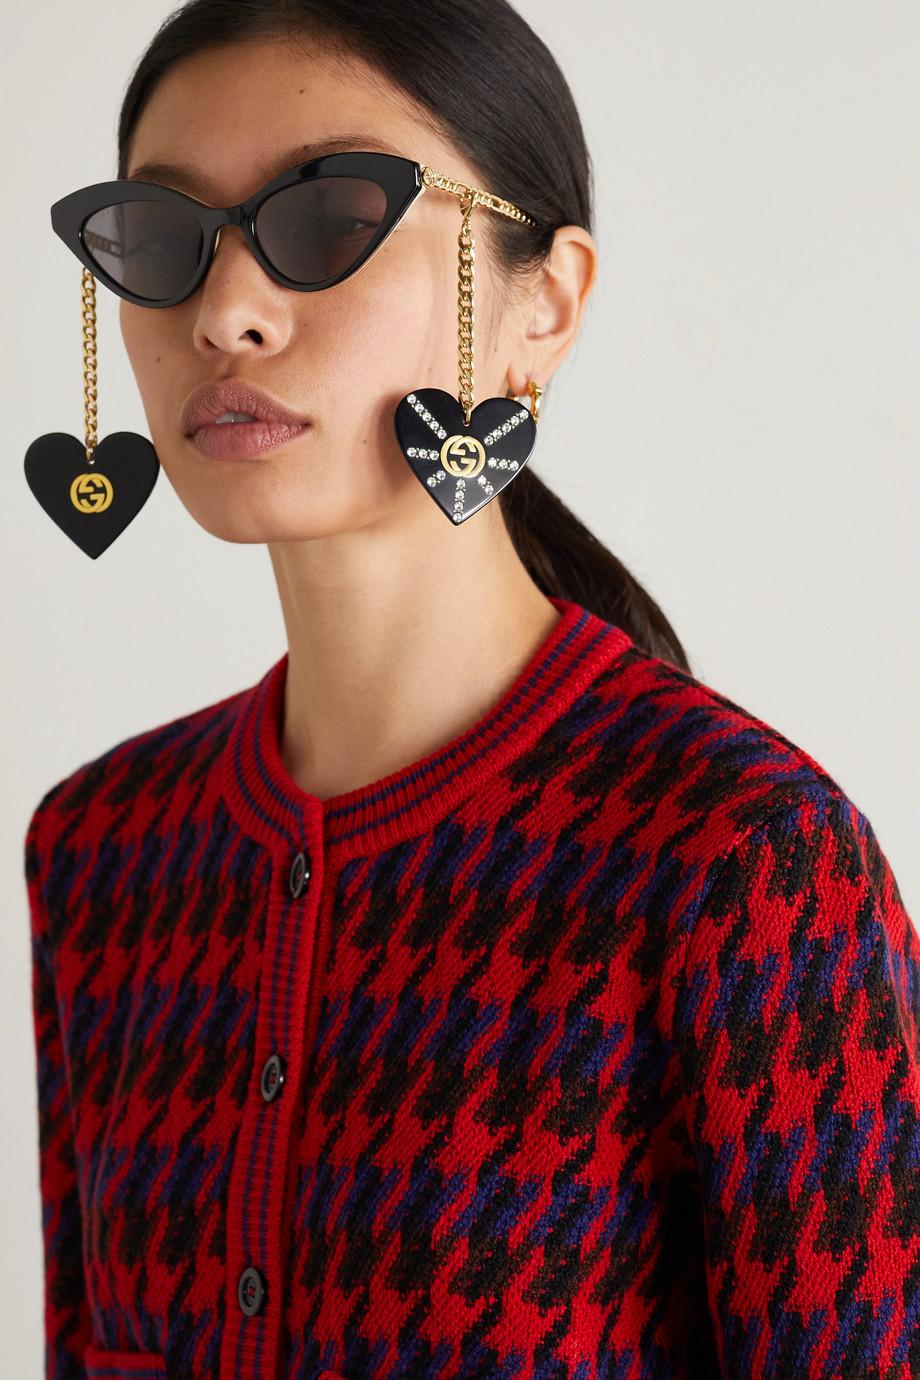 Gucci Lunettes de soleil œil-de-chat en acétate et en métal doré à ornements